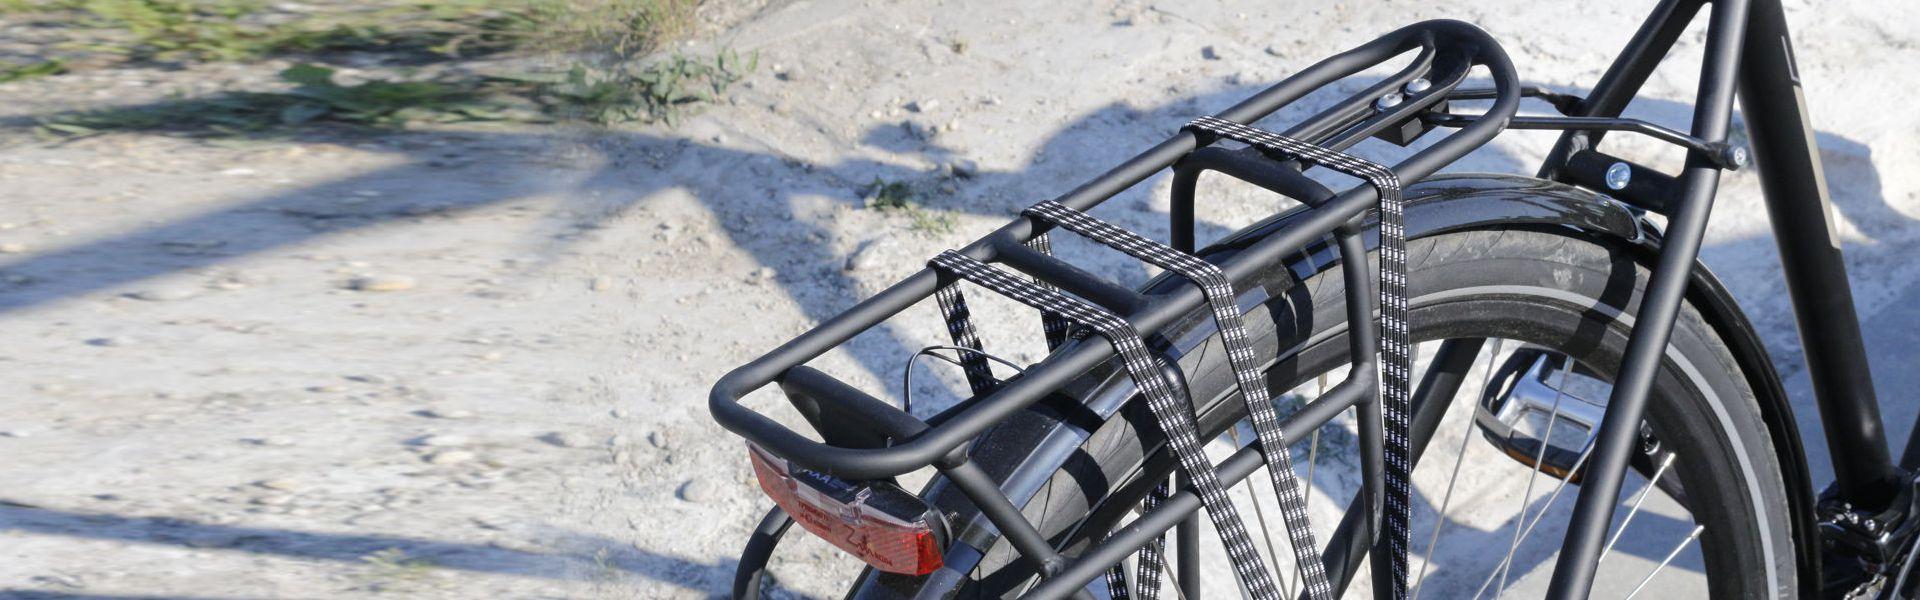 Trekking kerékpárok 2021